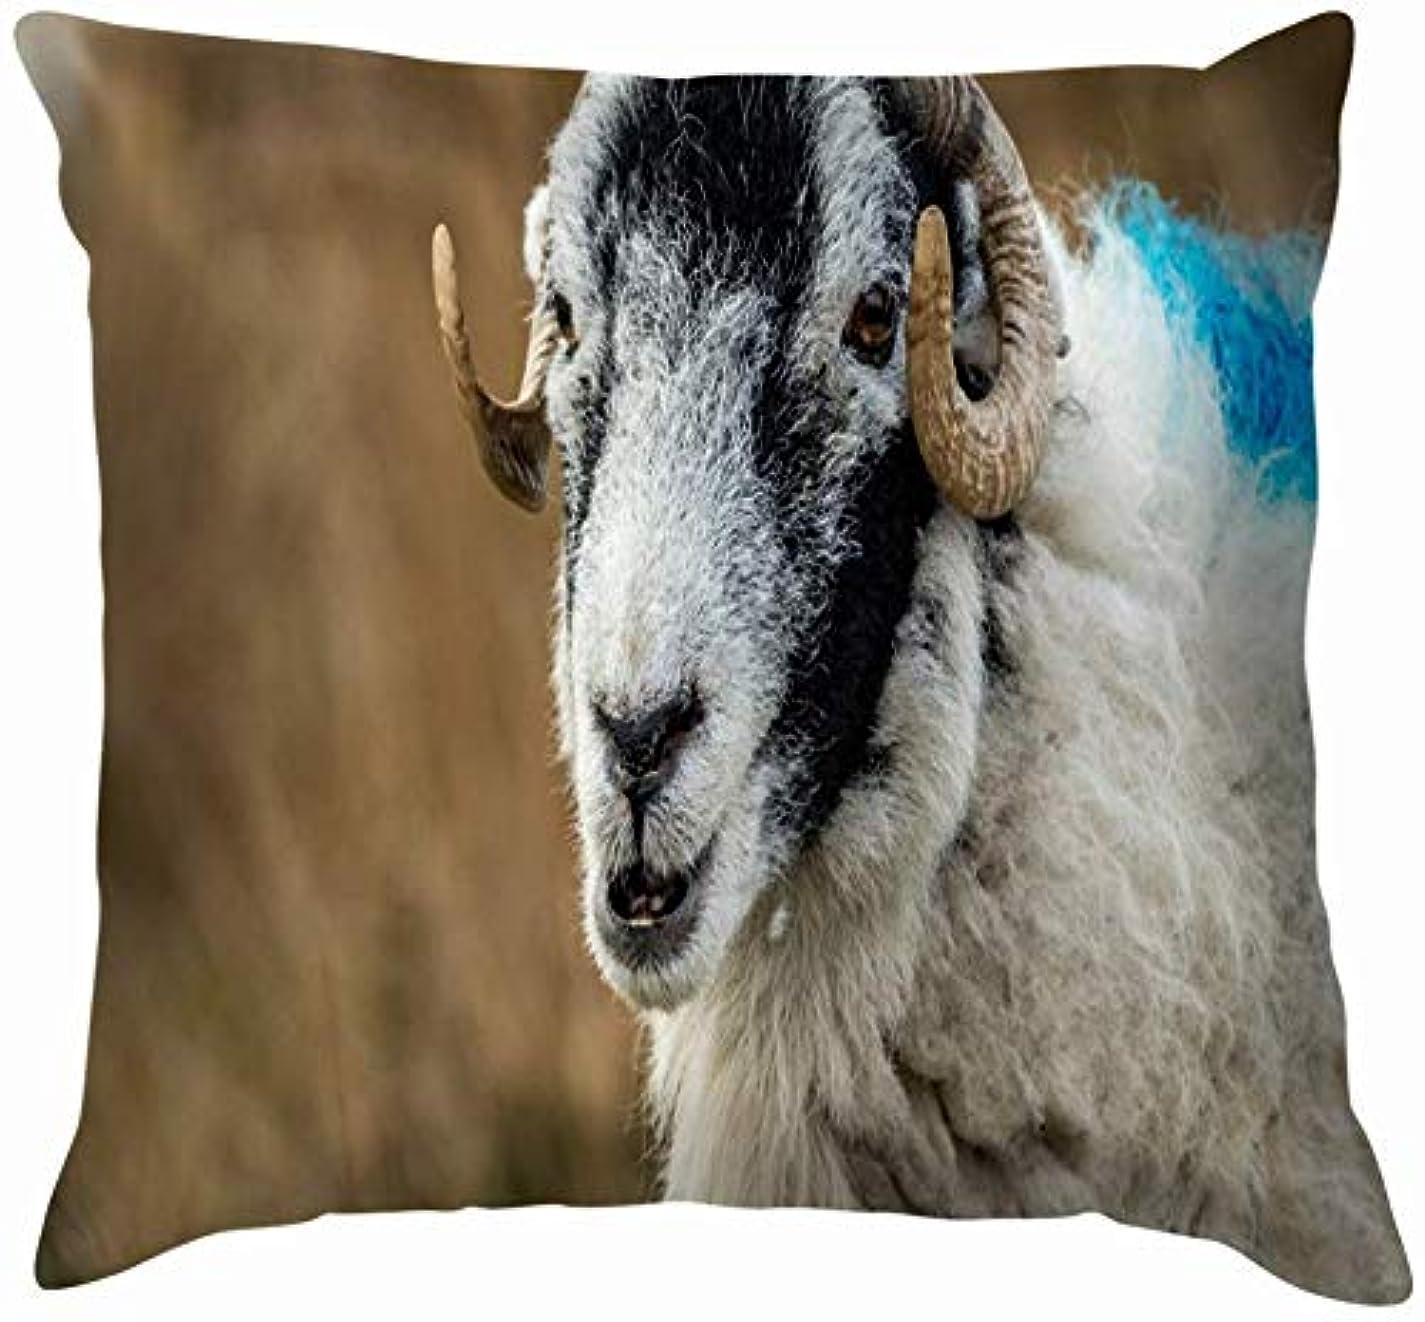 怠な分離保守的Swaledale Sheep Winter Ewe雌動物野生動物農業公園屋外投球枕カバーホームソファクッションカバー枕カバーギフト45x45 cm